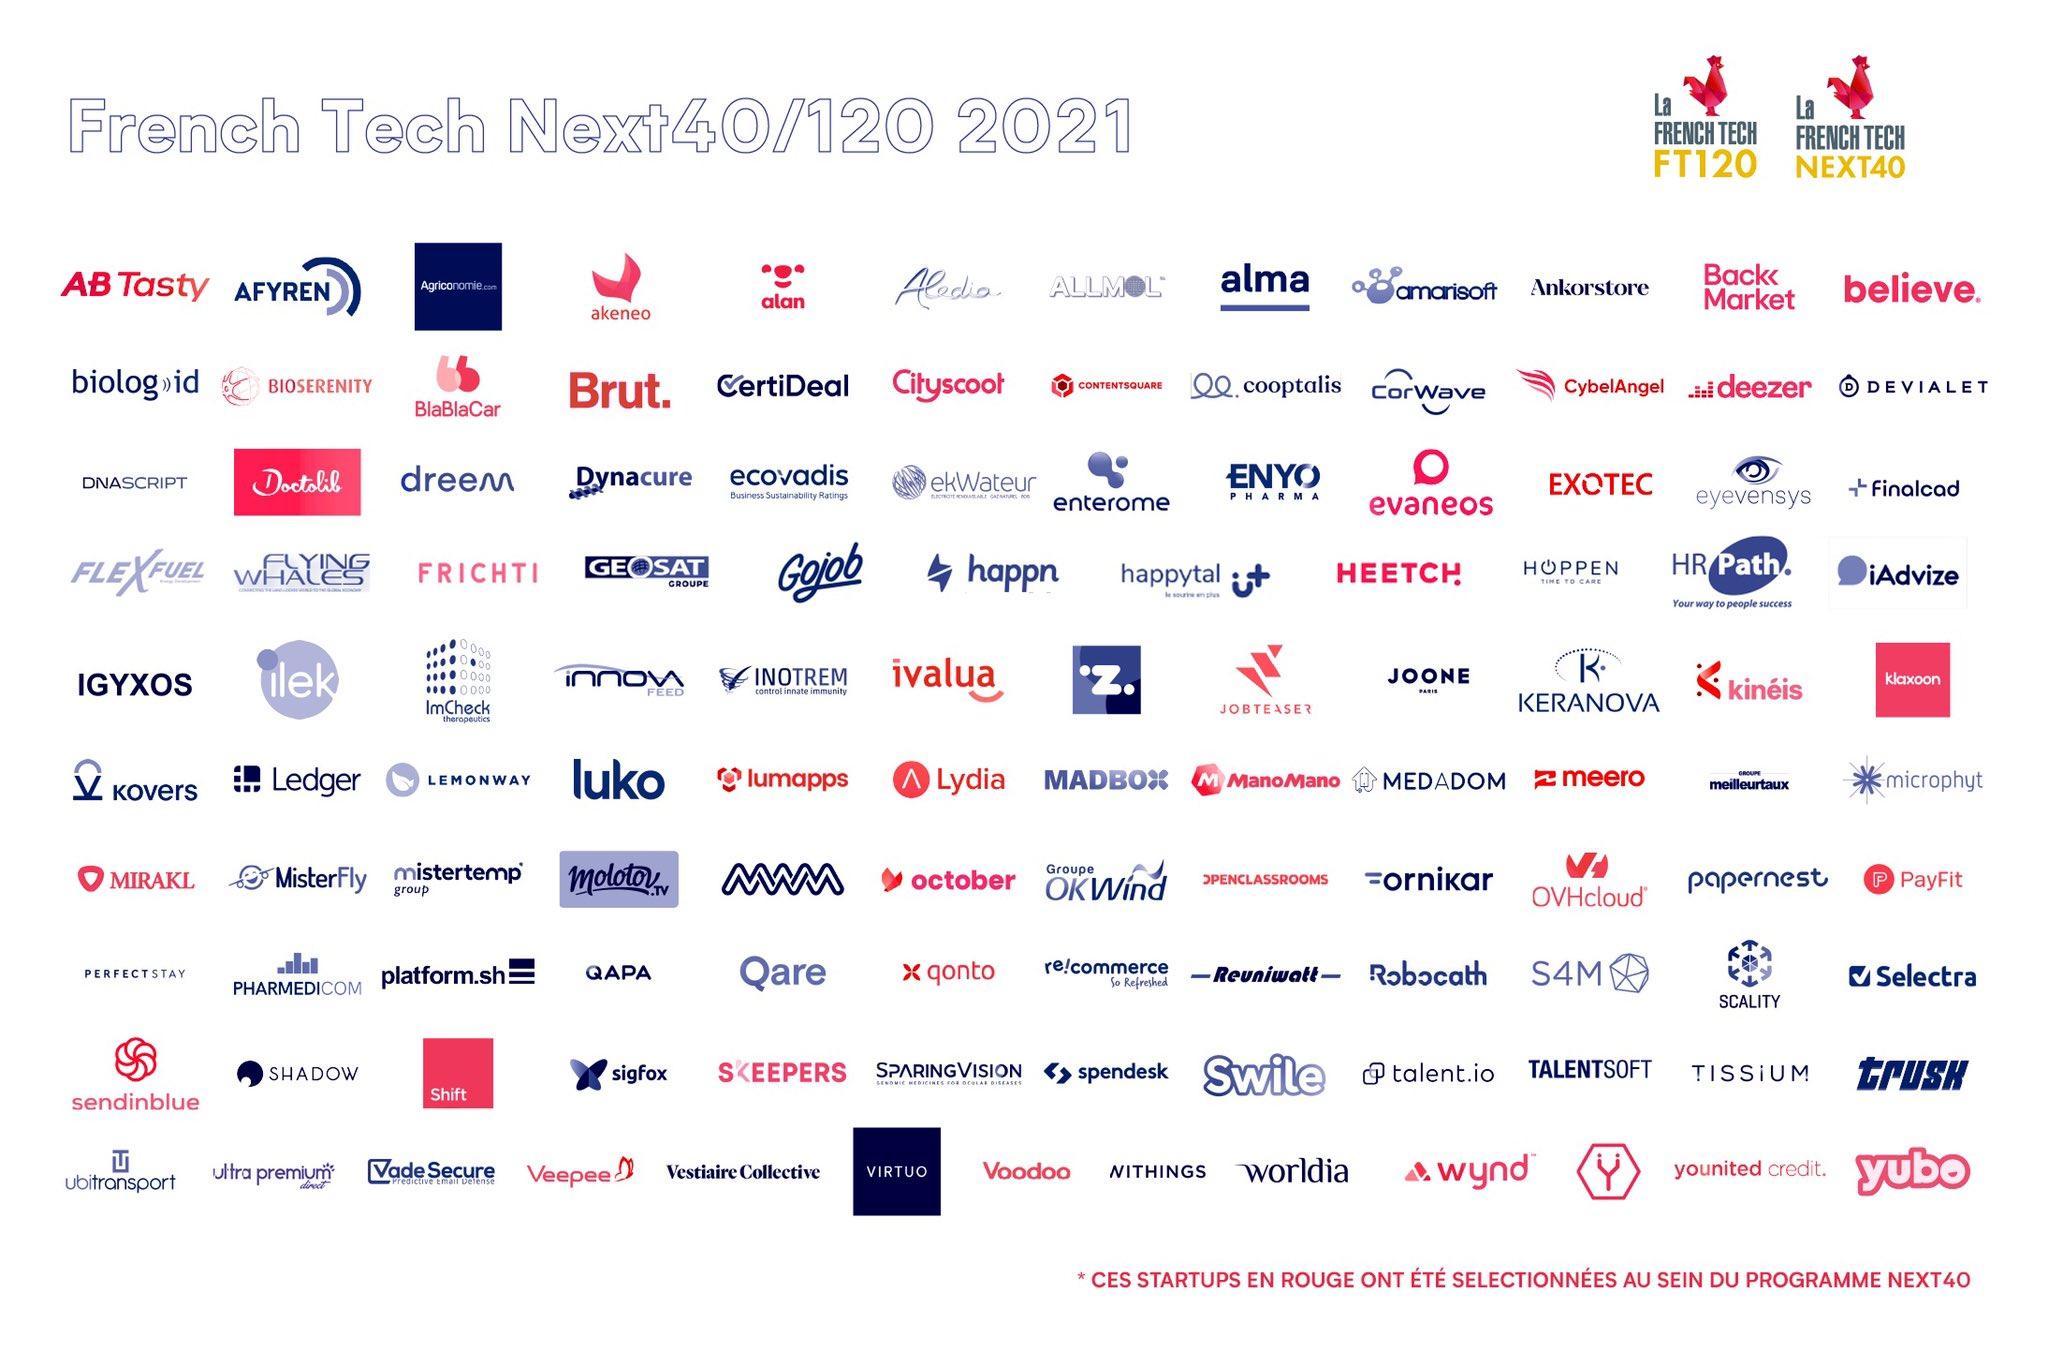 Innovation en Outre-mer : Les entreprises ultramarines All Mol Technology et Réuniwatt, lauréates une seconde fois du French Tech Next40/120